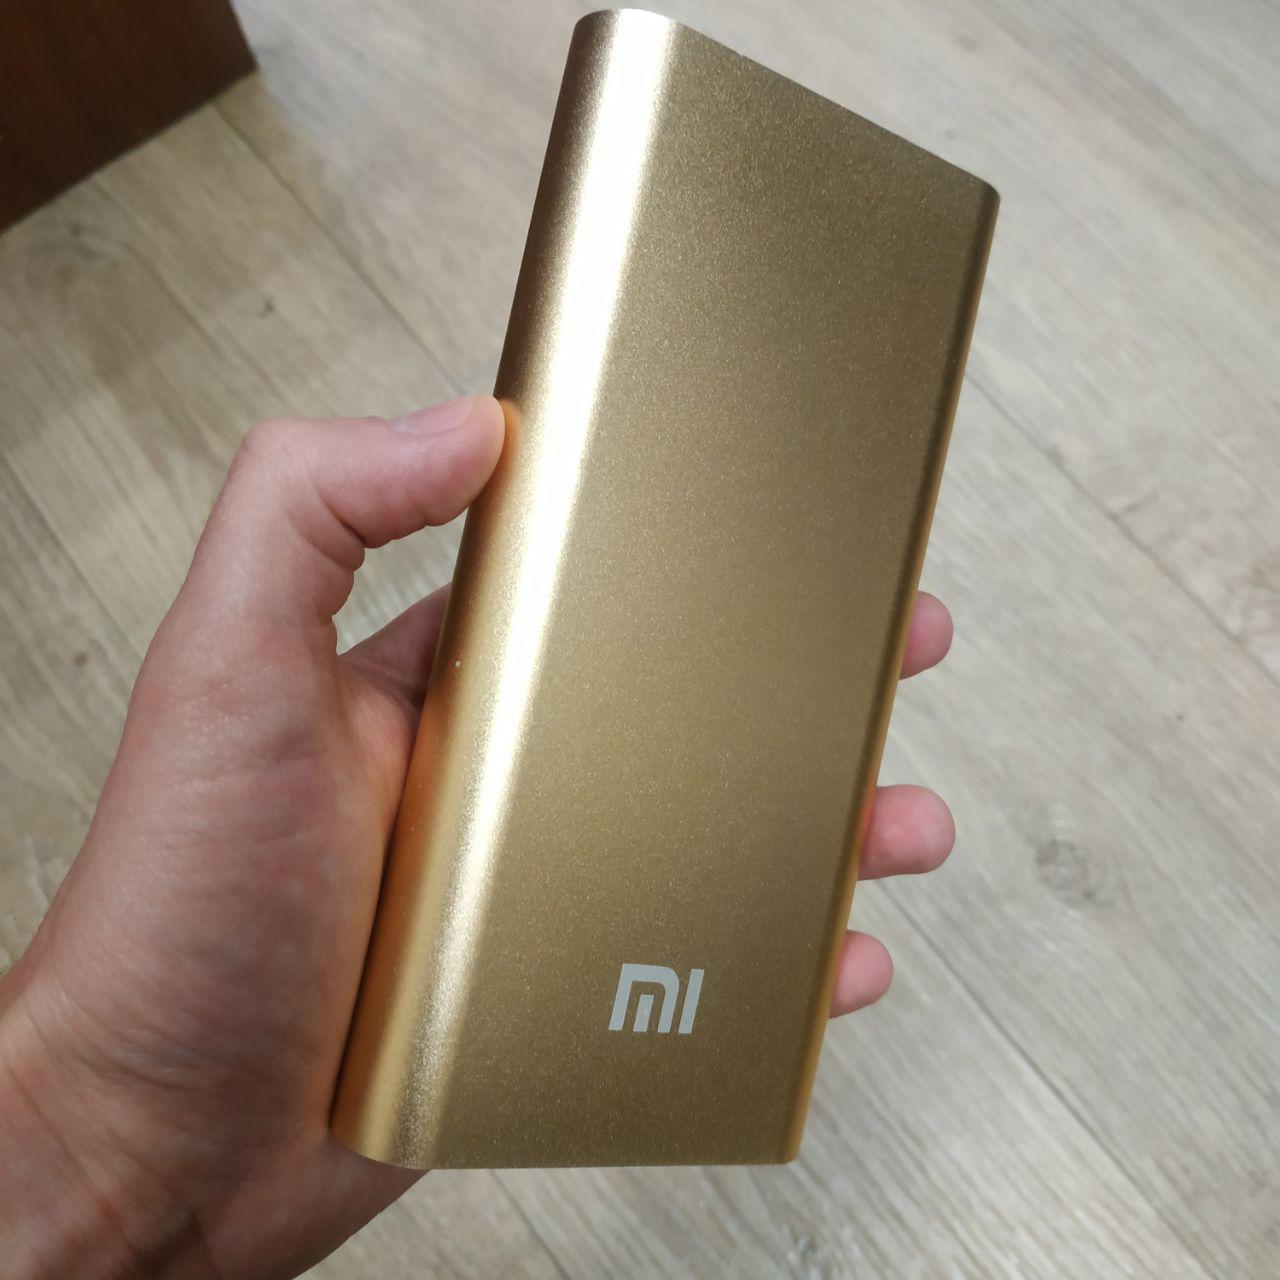 Портативная зарядка Павер банк внешний аккумулятор Xiaomi Power Bank 20800 мАч золотой реплика, фото 1